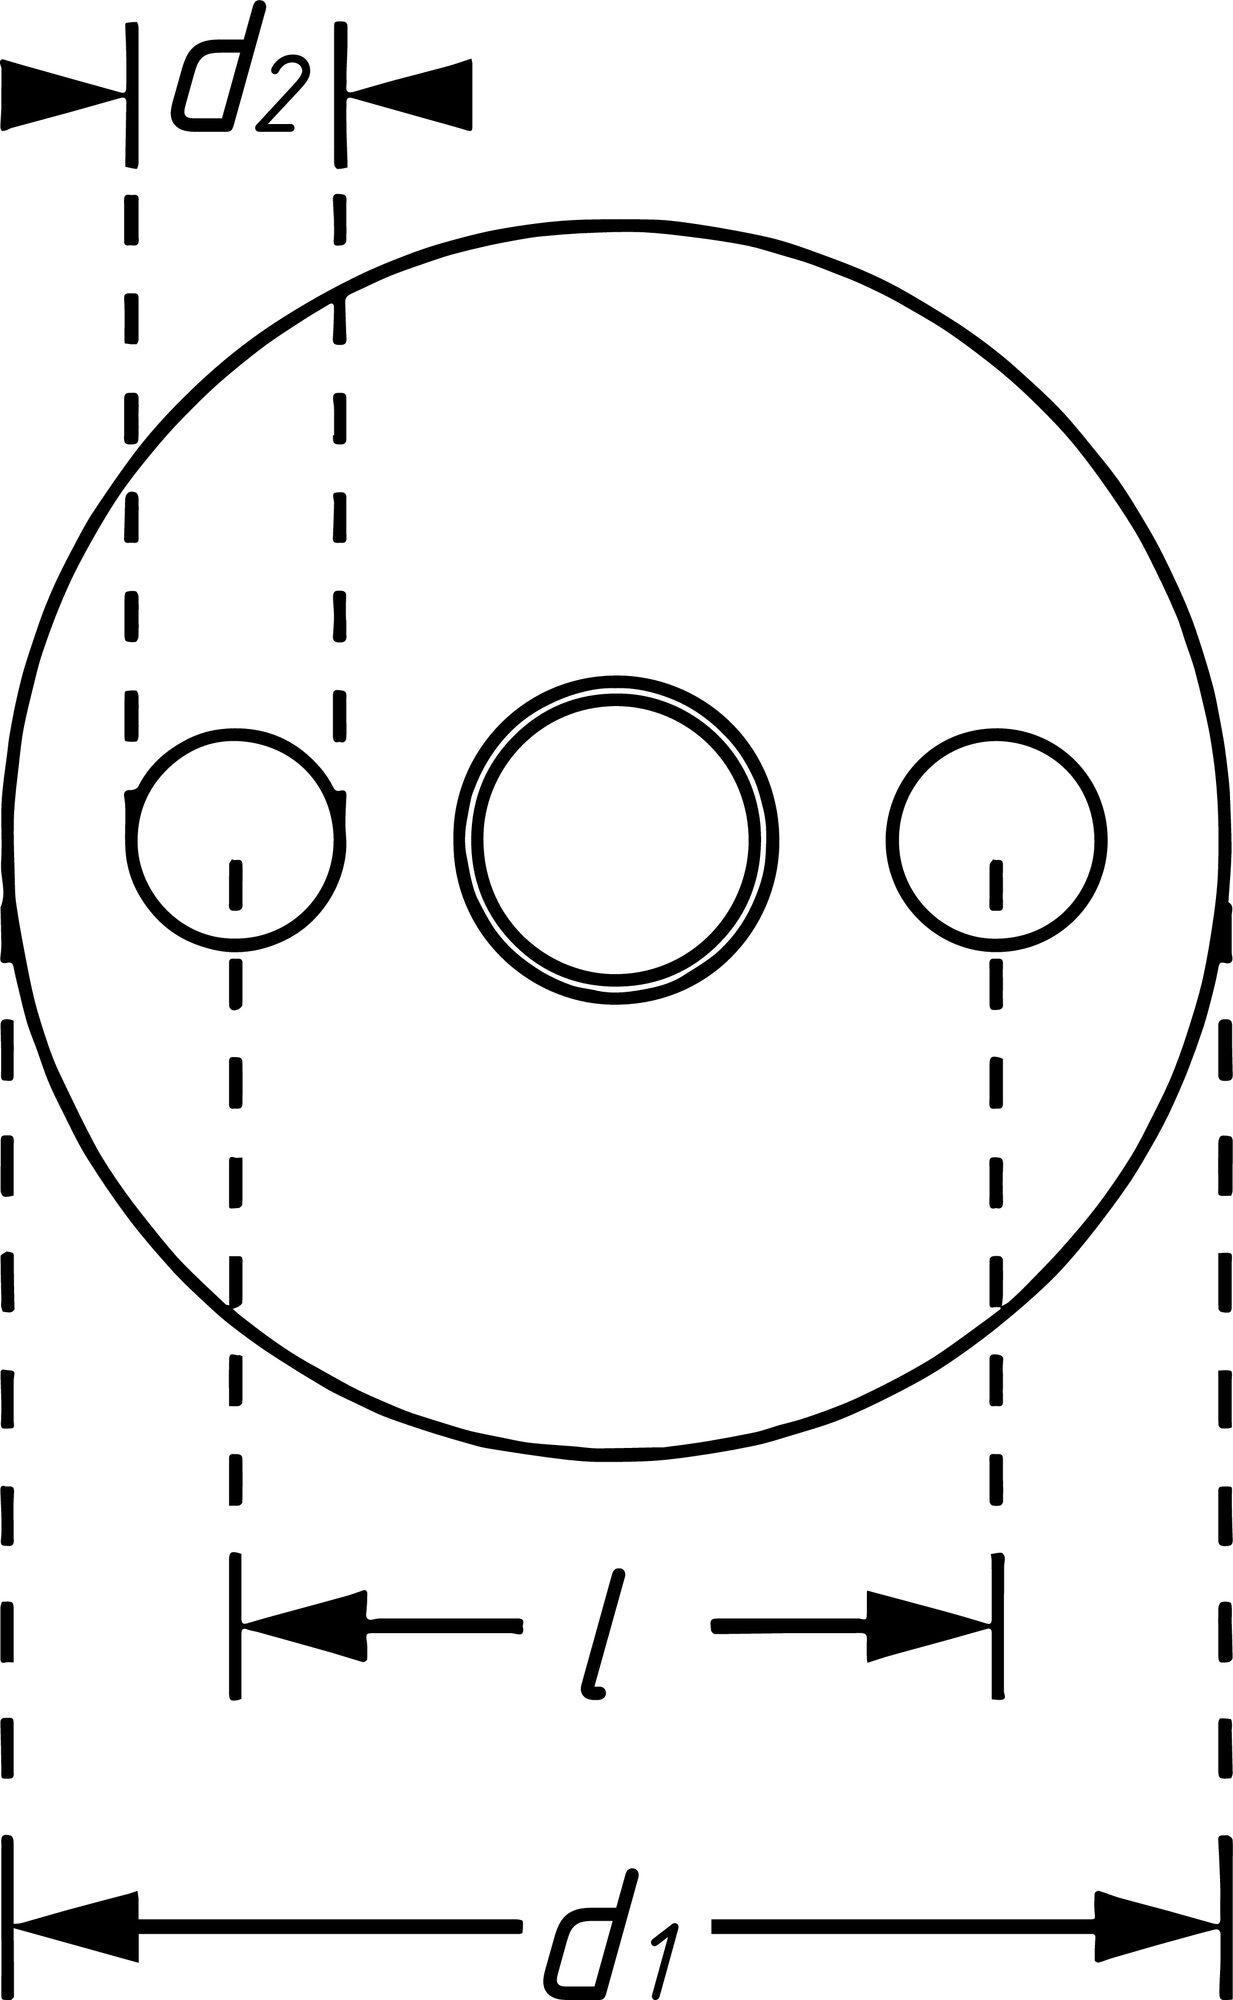 HAZET Druckplatten Satz 4970/5 ∙ Anzahl Werkzeuge: 5